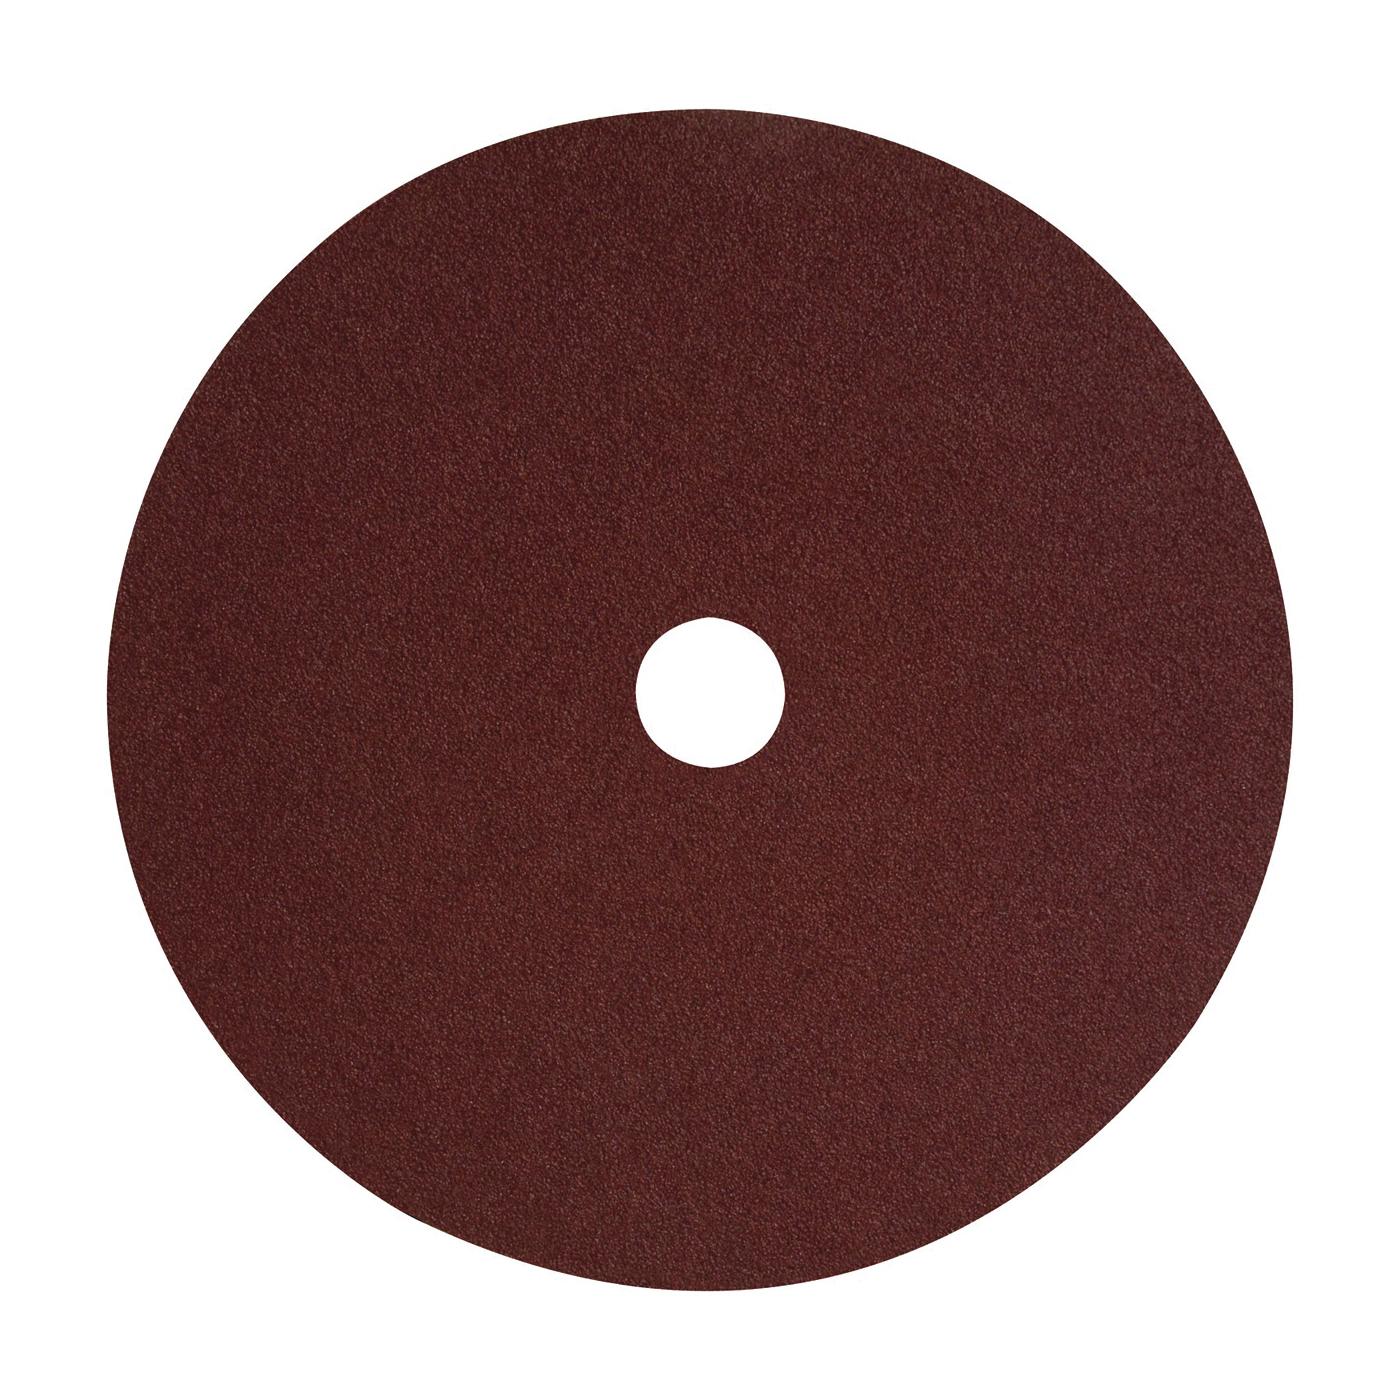 Picture of DeWALT DARB1G0305 Fiber Disc, 4-1/2 in Dia, 7/8 in Arbor, Coated, 36 Grit, Aluminum Oxide Abrasive, Fiber Backing